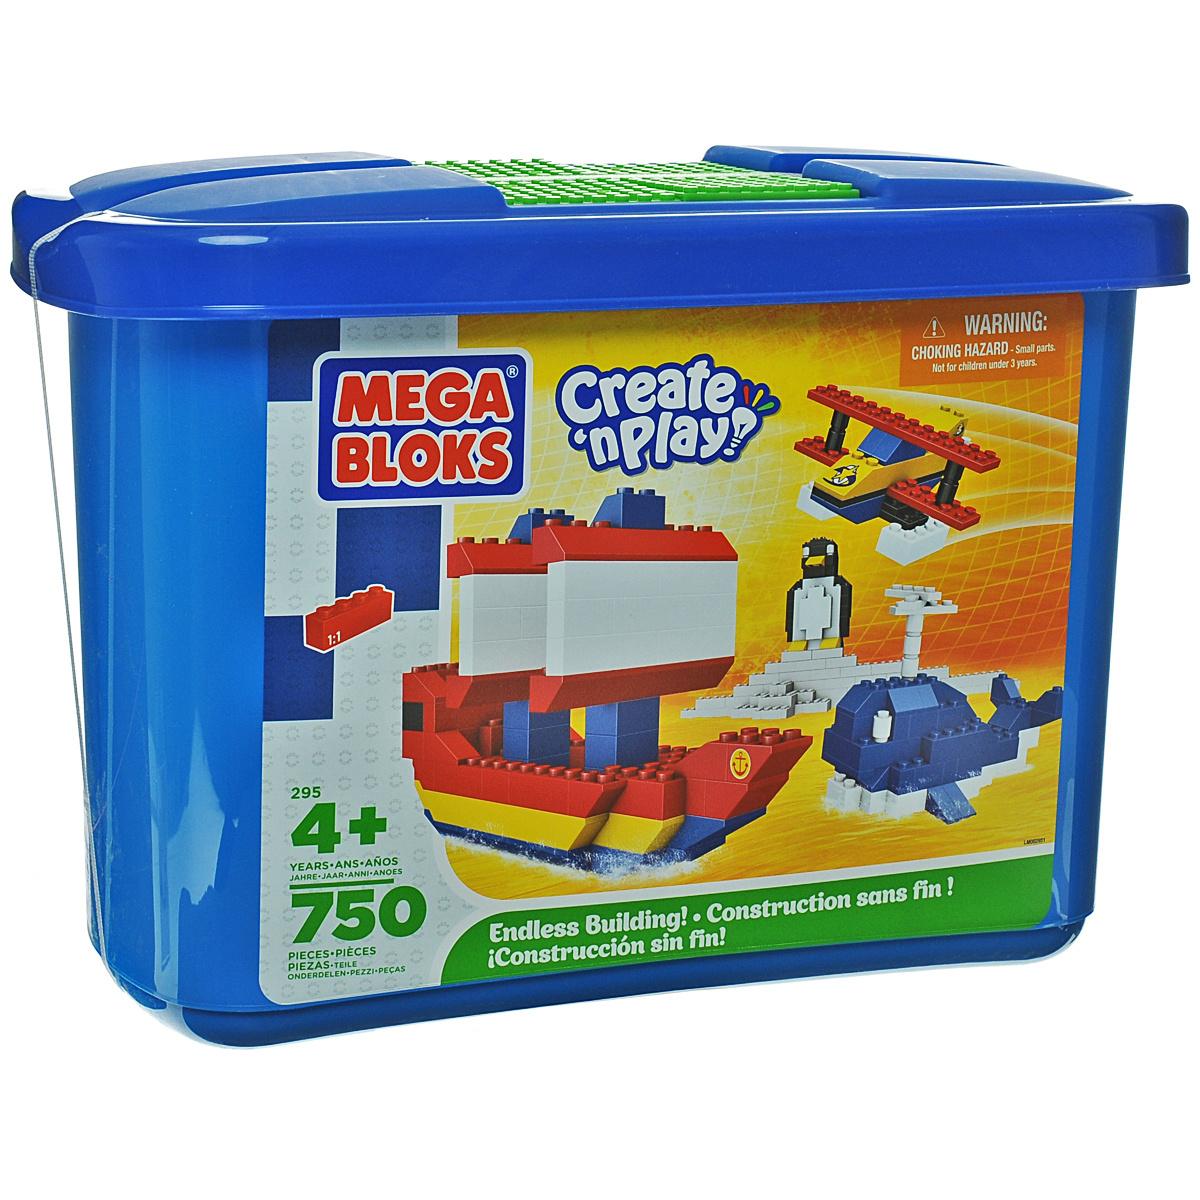 Mega Bloks Create'n Play Конструктор Микро цвет синий #1